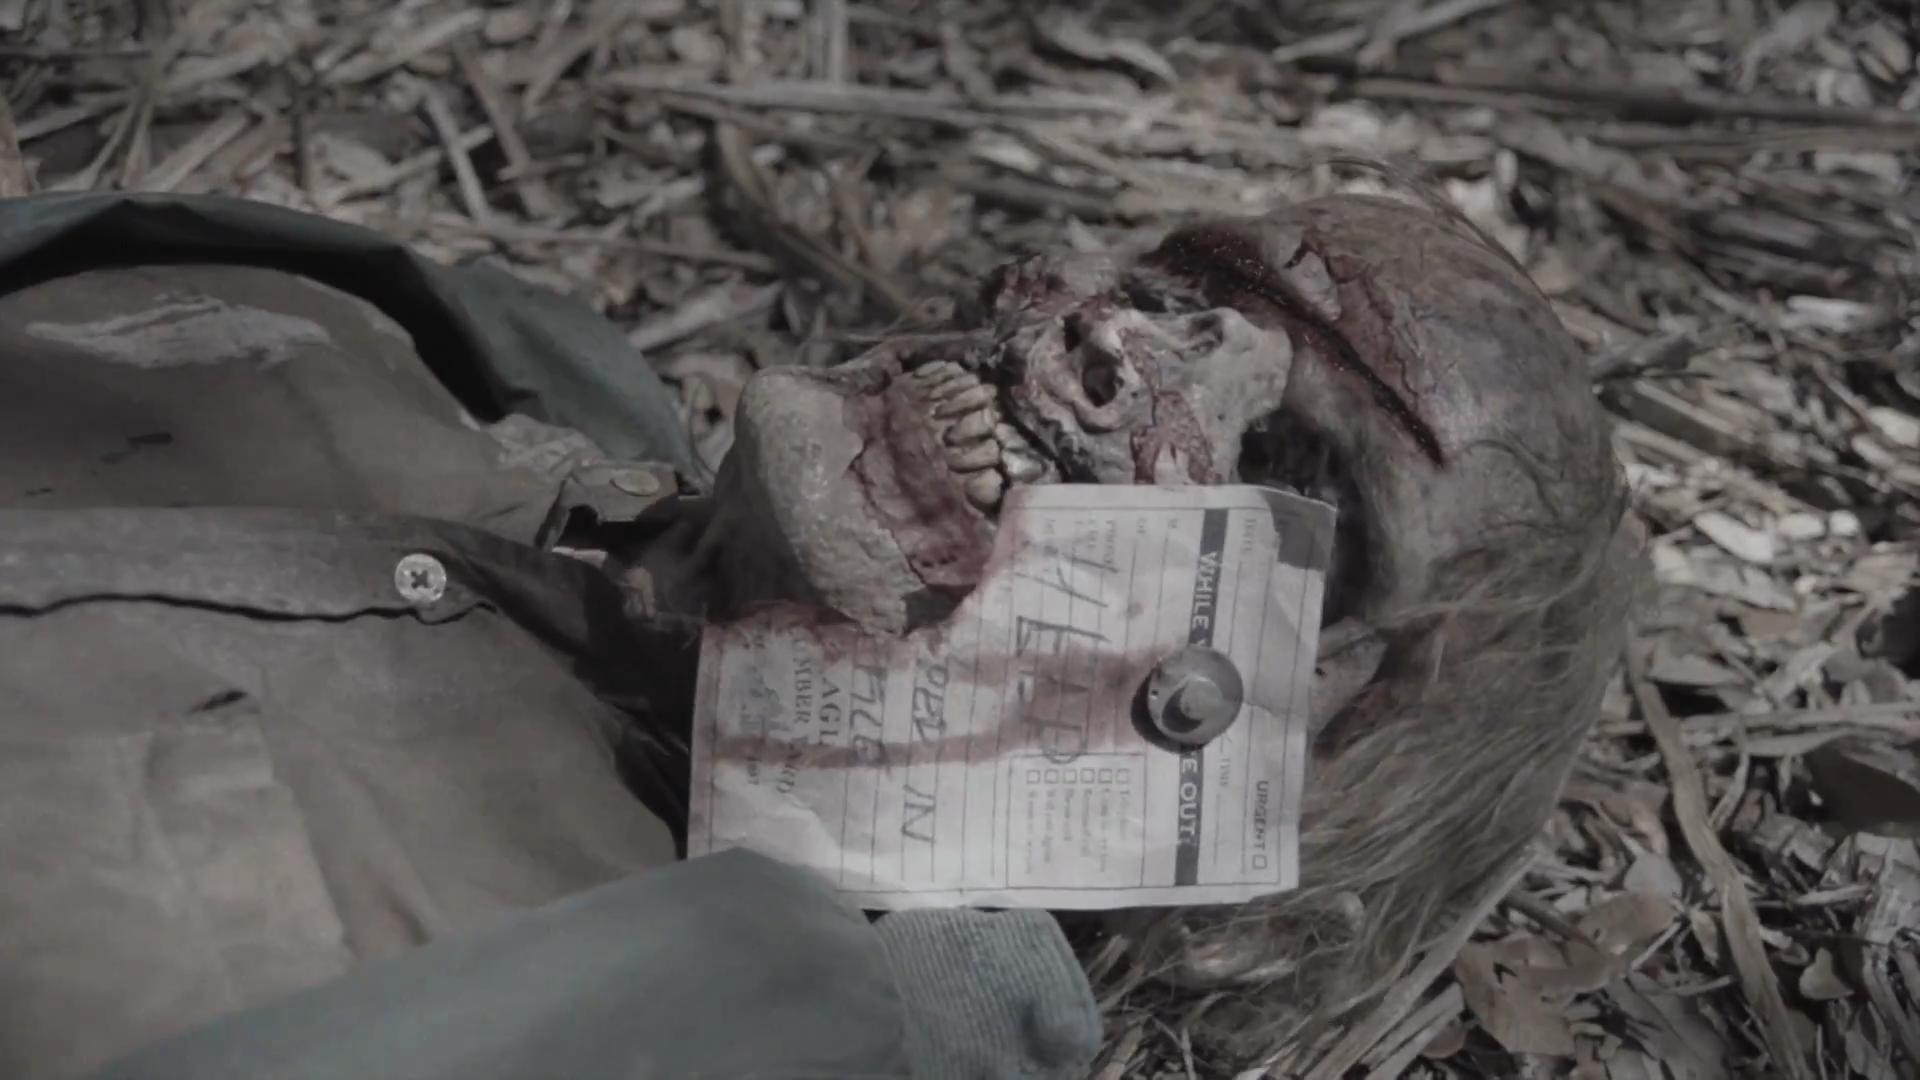 Fear The Walking Dead | Inside the Episode 4X09